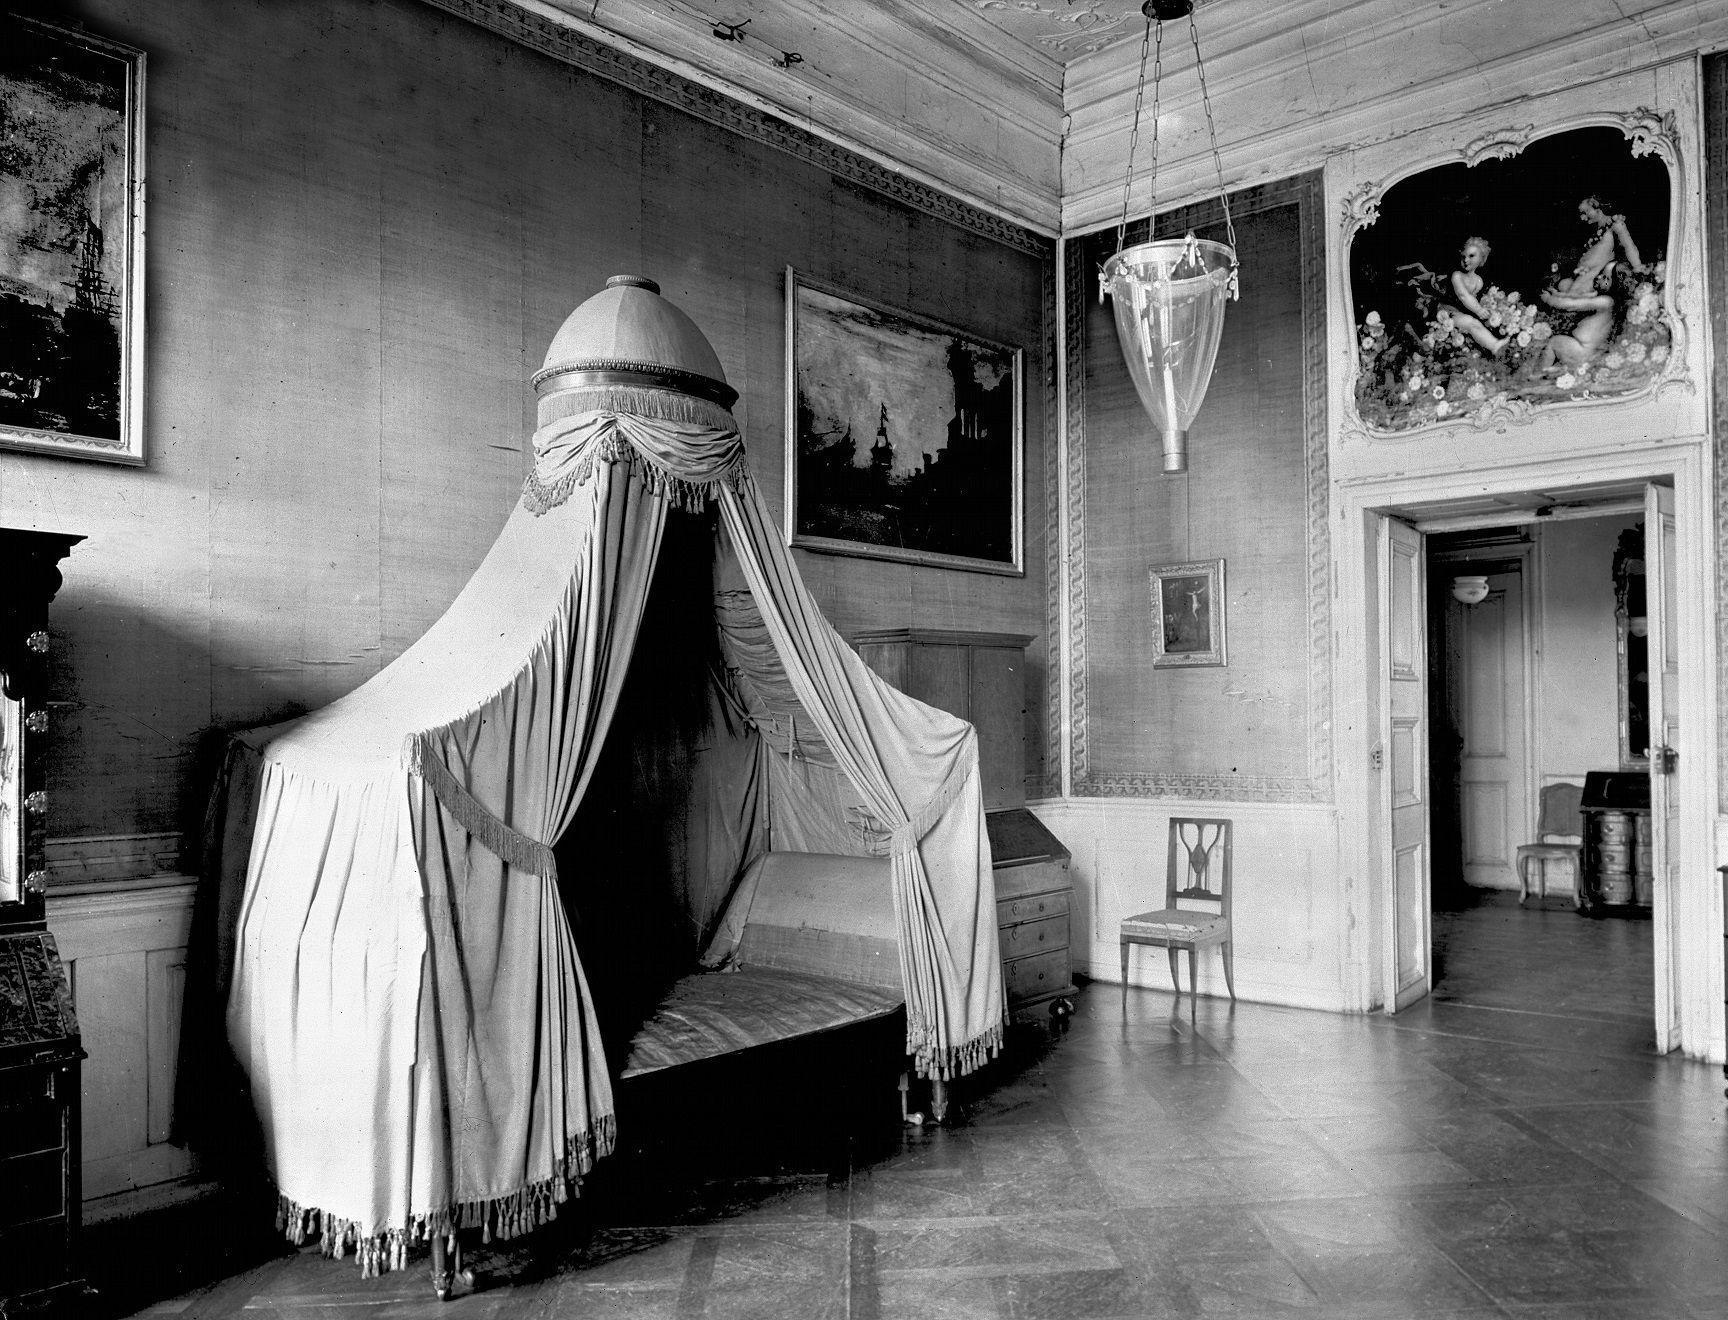 Schloss Bruchsal, Beletage, Appartement Amalie von Baden, Schlafzimmer, Aufnahme vor 1945; Foto: Landesmedienzentrum Baden-Württemberg, Arnim Weischer